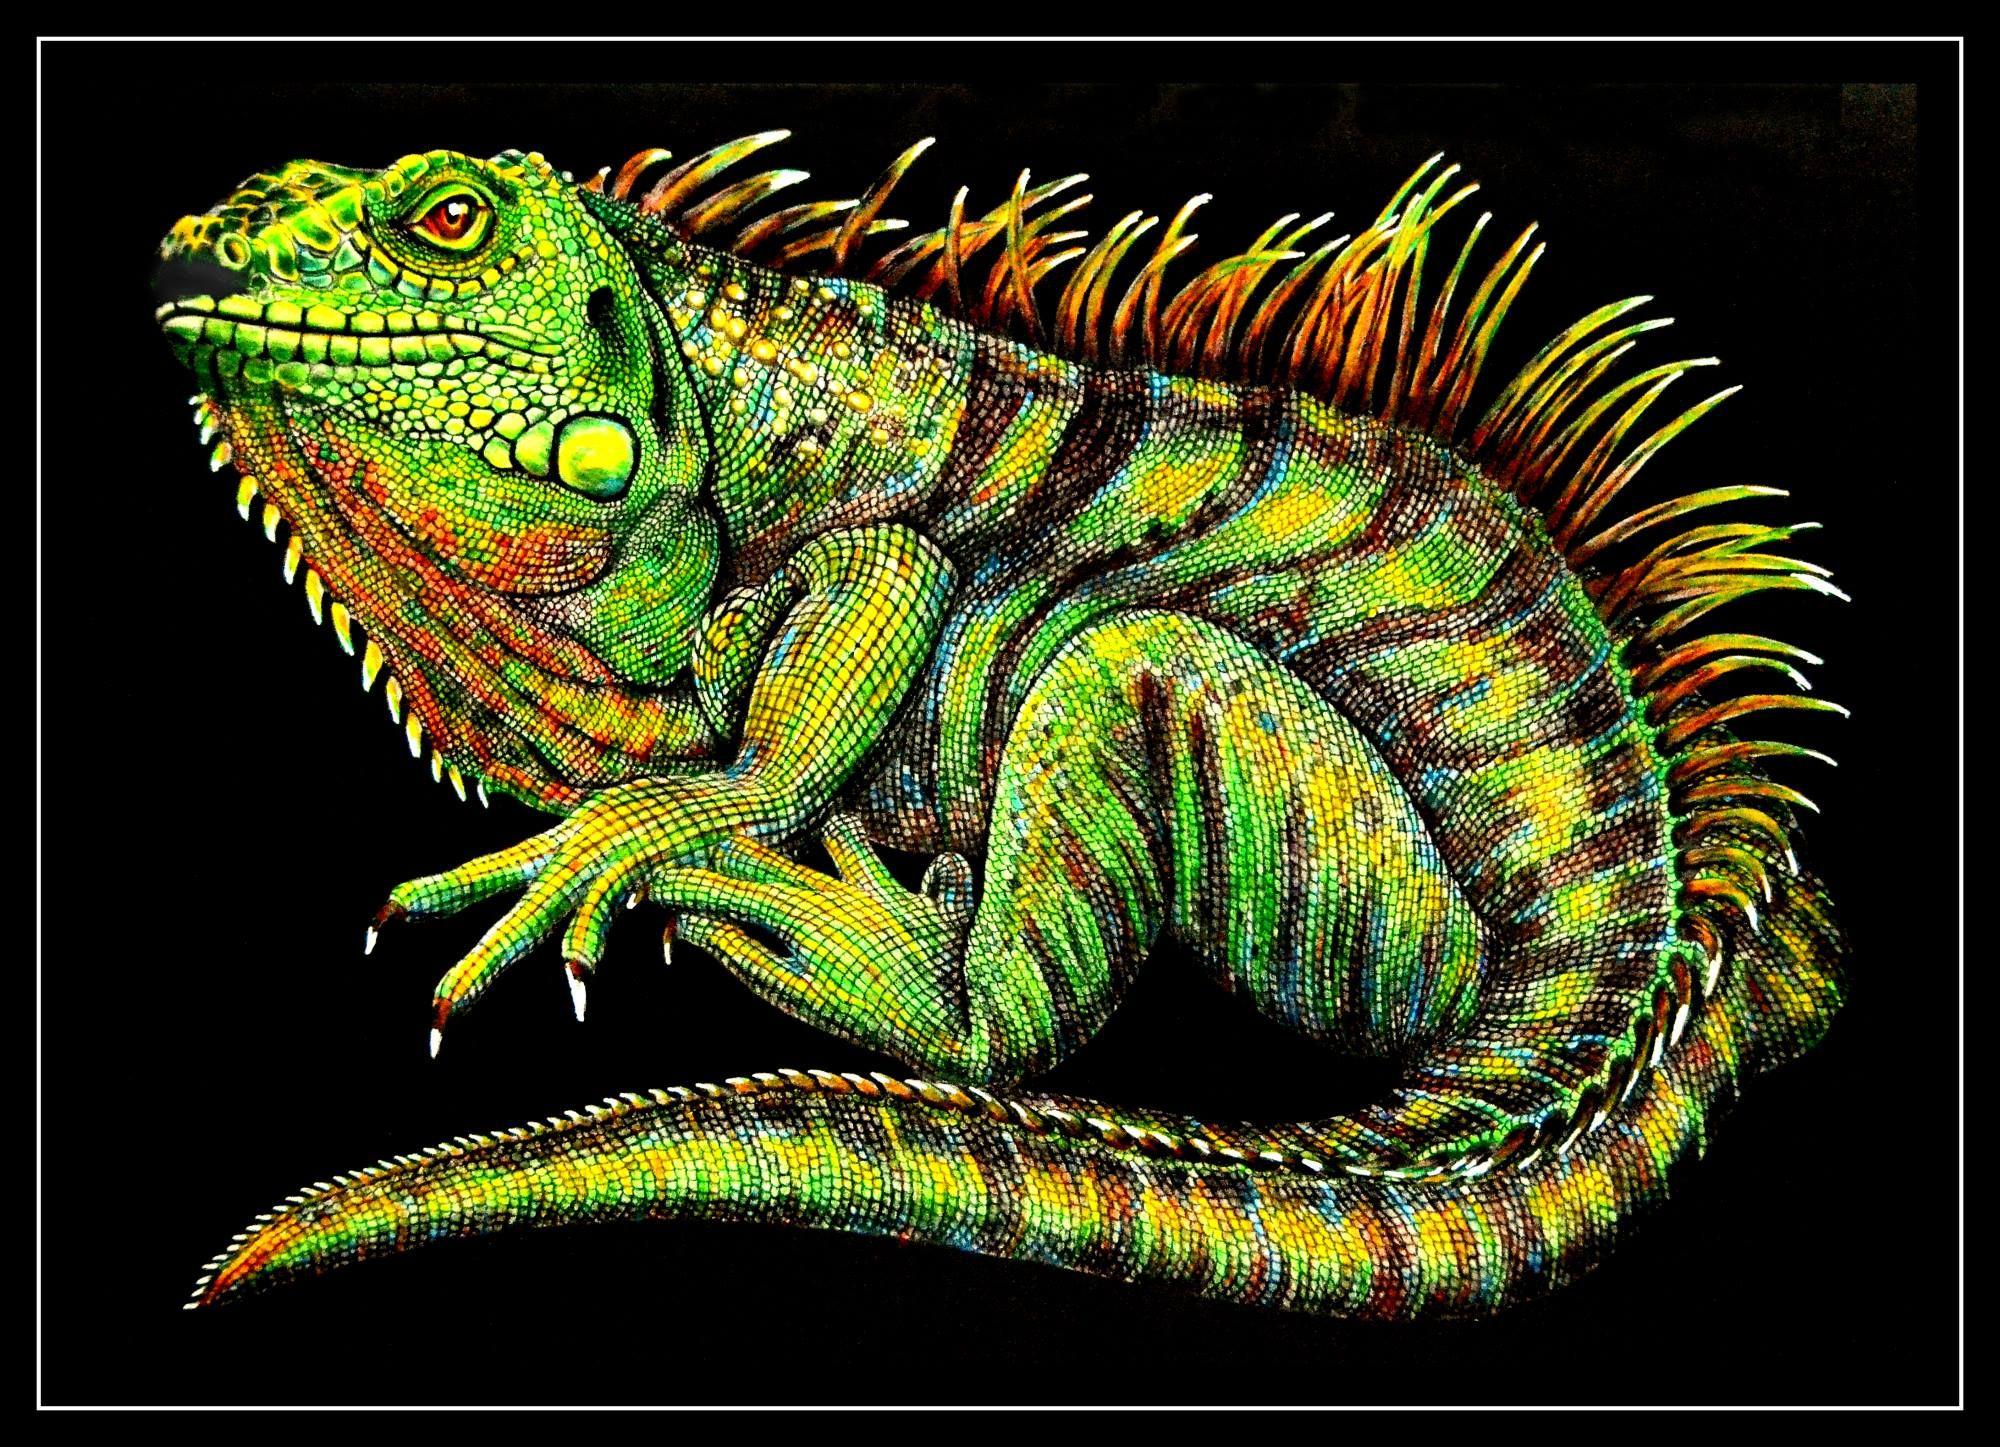 игуана картинка для рисования николаев выложил